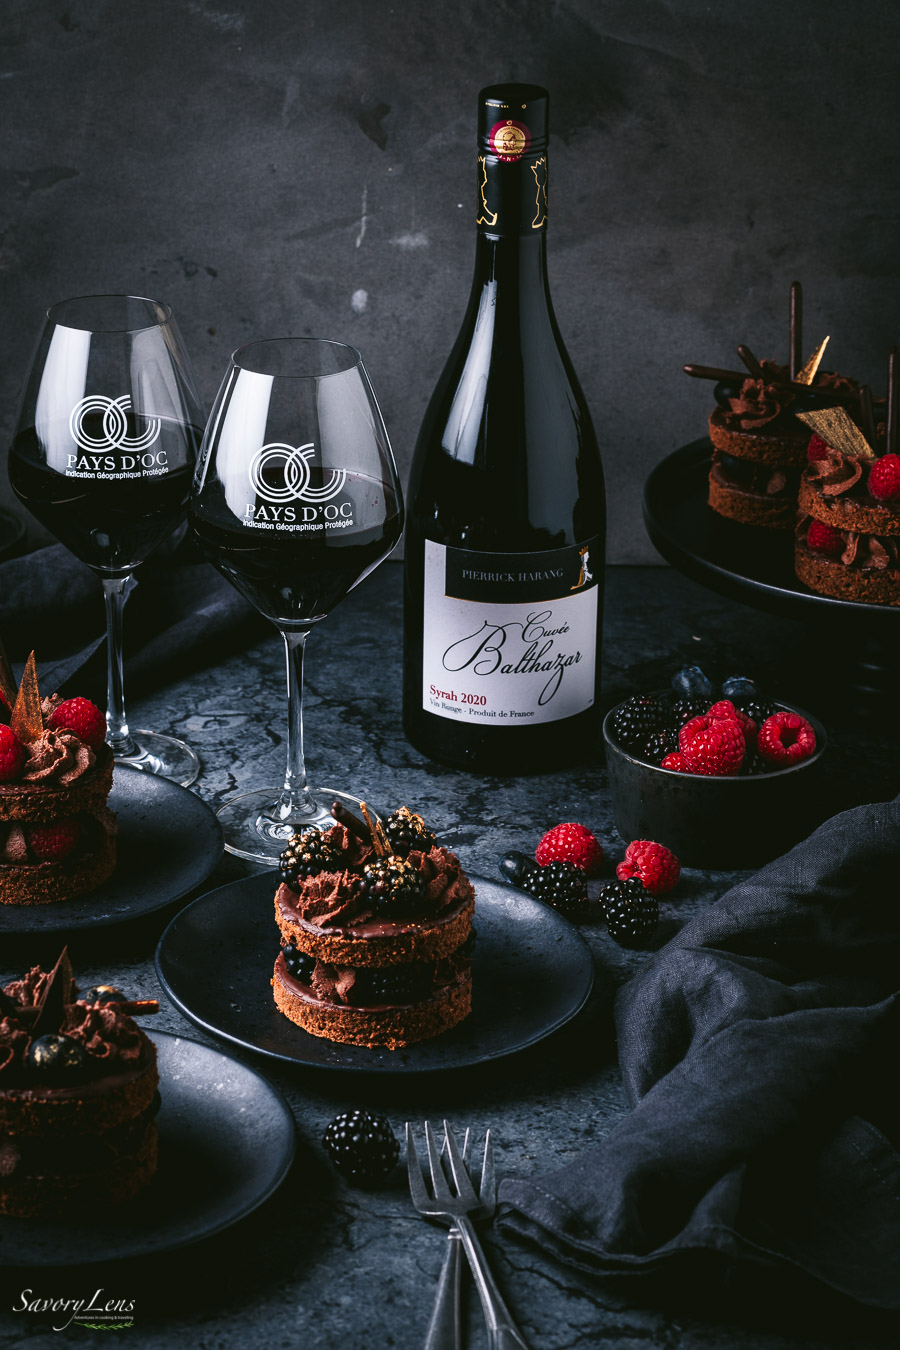 Feine Schokoladen-Beeren-Törtchen zu Syrah aus dem Pays d'Oc